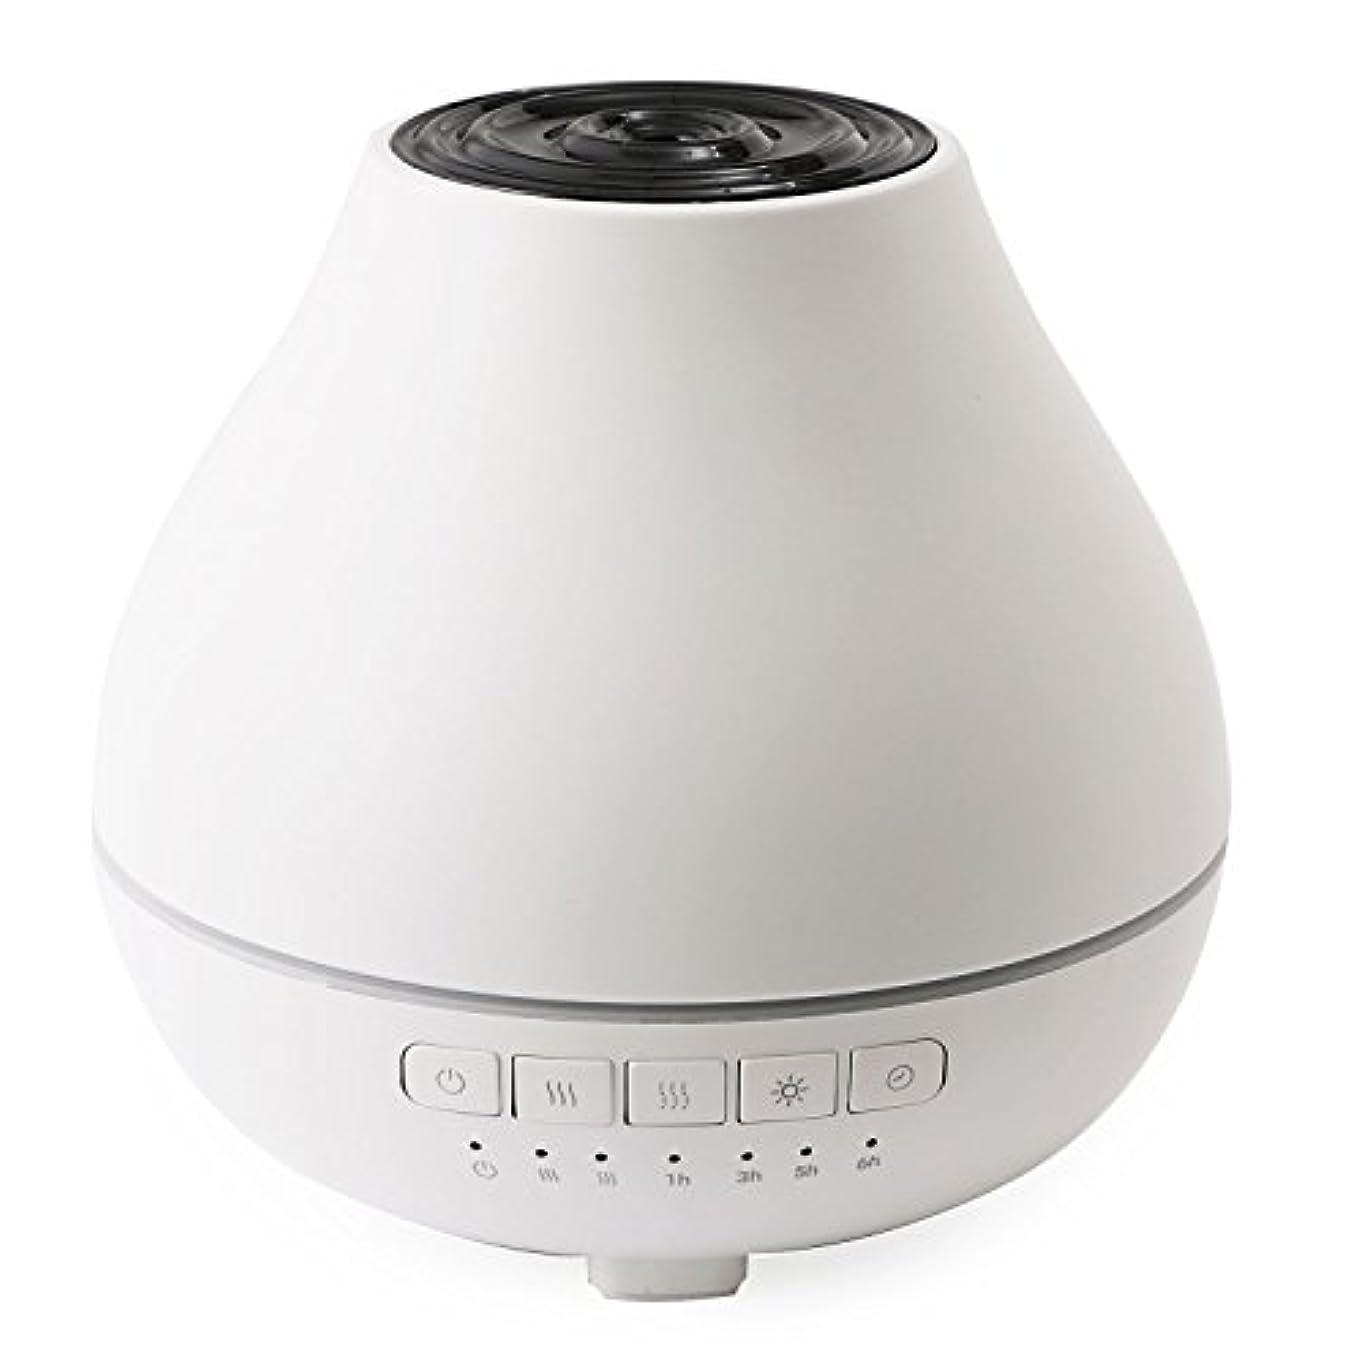 はっきりしない義務的イタリックboltz アロマディフューザー アロマバーナー 超音波 ミスト 3色LEDライト タイマー機能 ホワイト